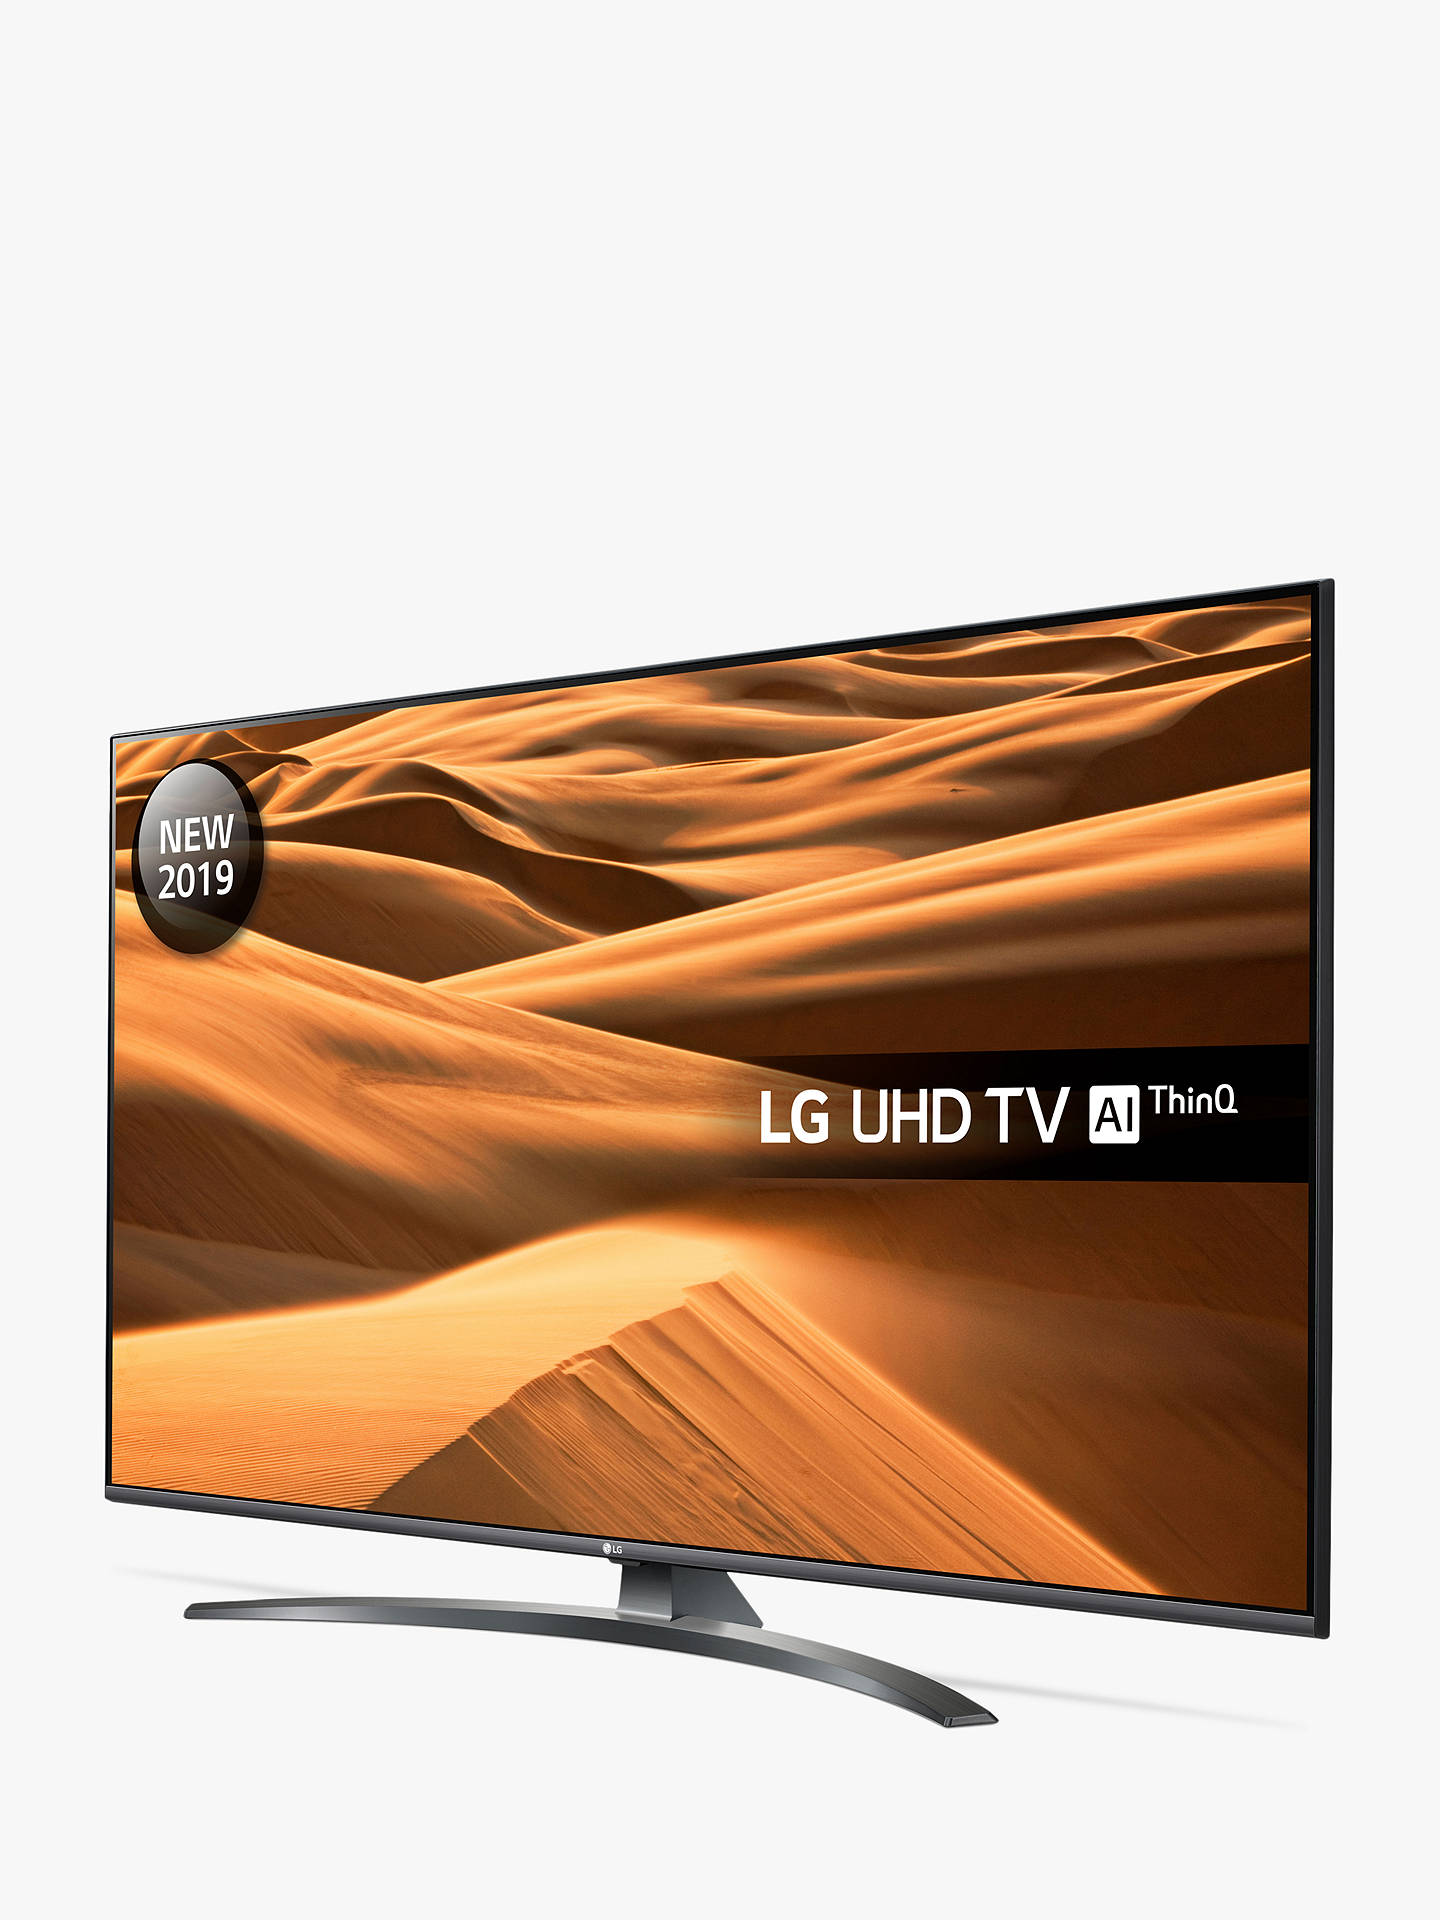 LG 55UM7660PLA (2019) LED HDR 4K Ultra HD Smart TV, 55